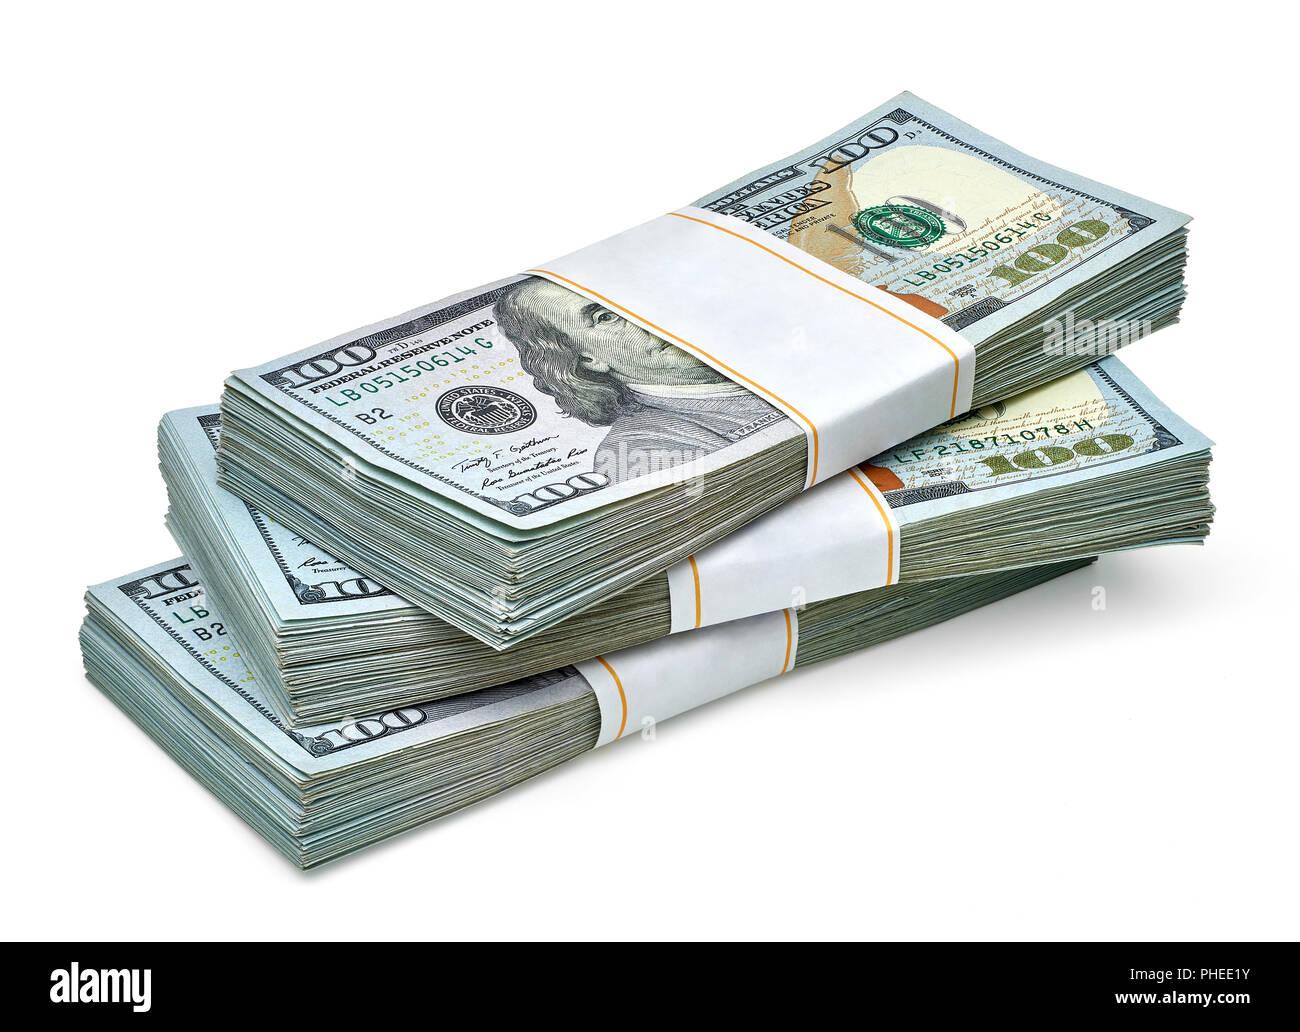 Bundles Of Hundred Dollar Bills Stock Photos Bundles Of